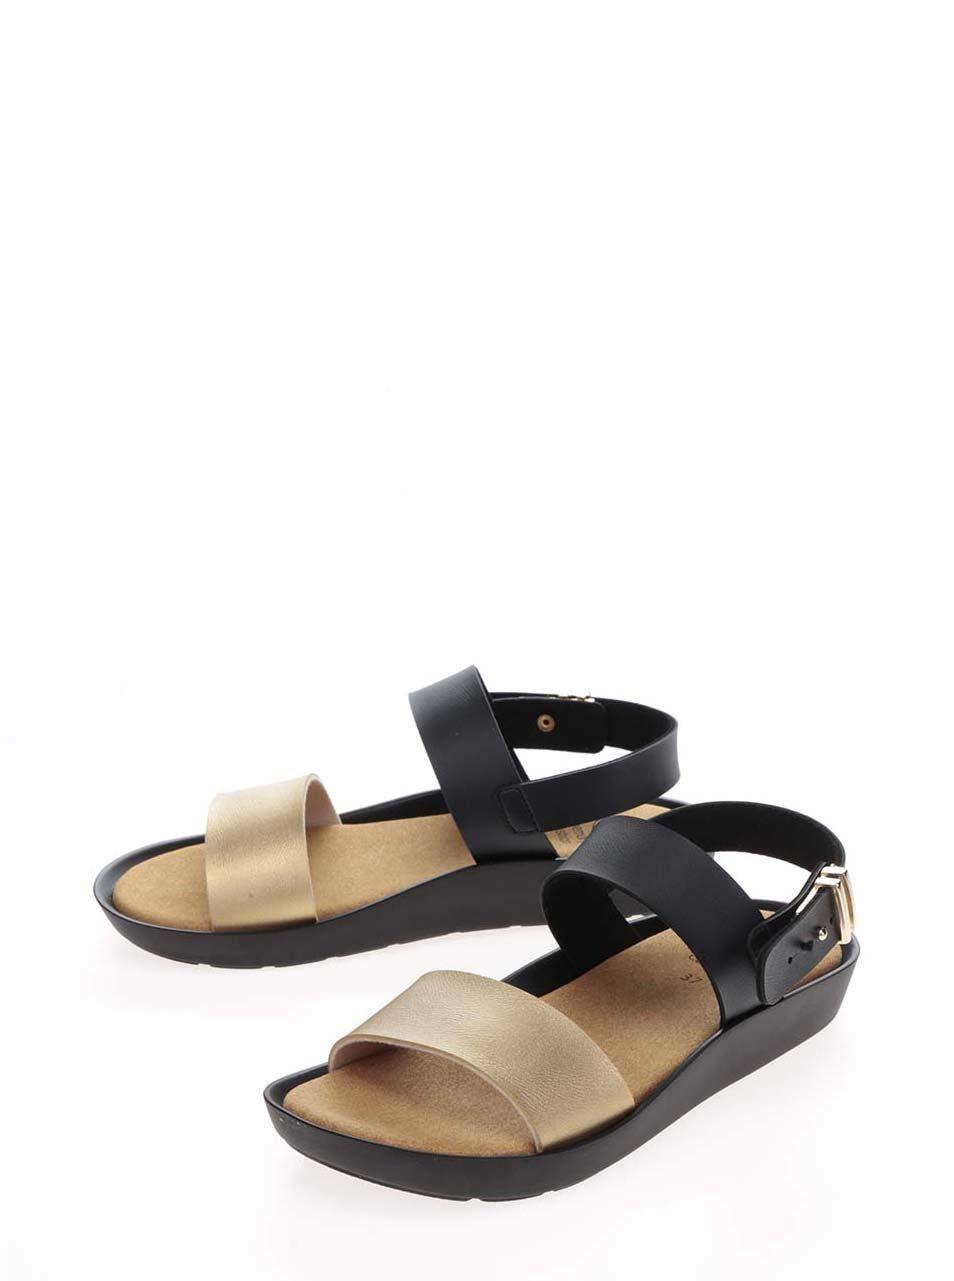 2077f9db94a8 Čierne dámske zdravotné sandále s detailom v zlatej farbe Scholl Mamore ...